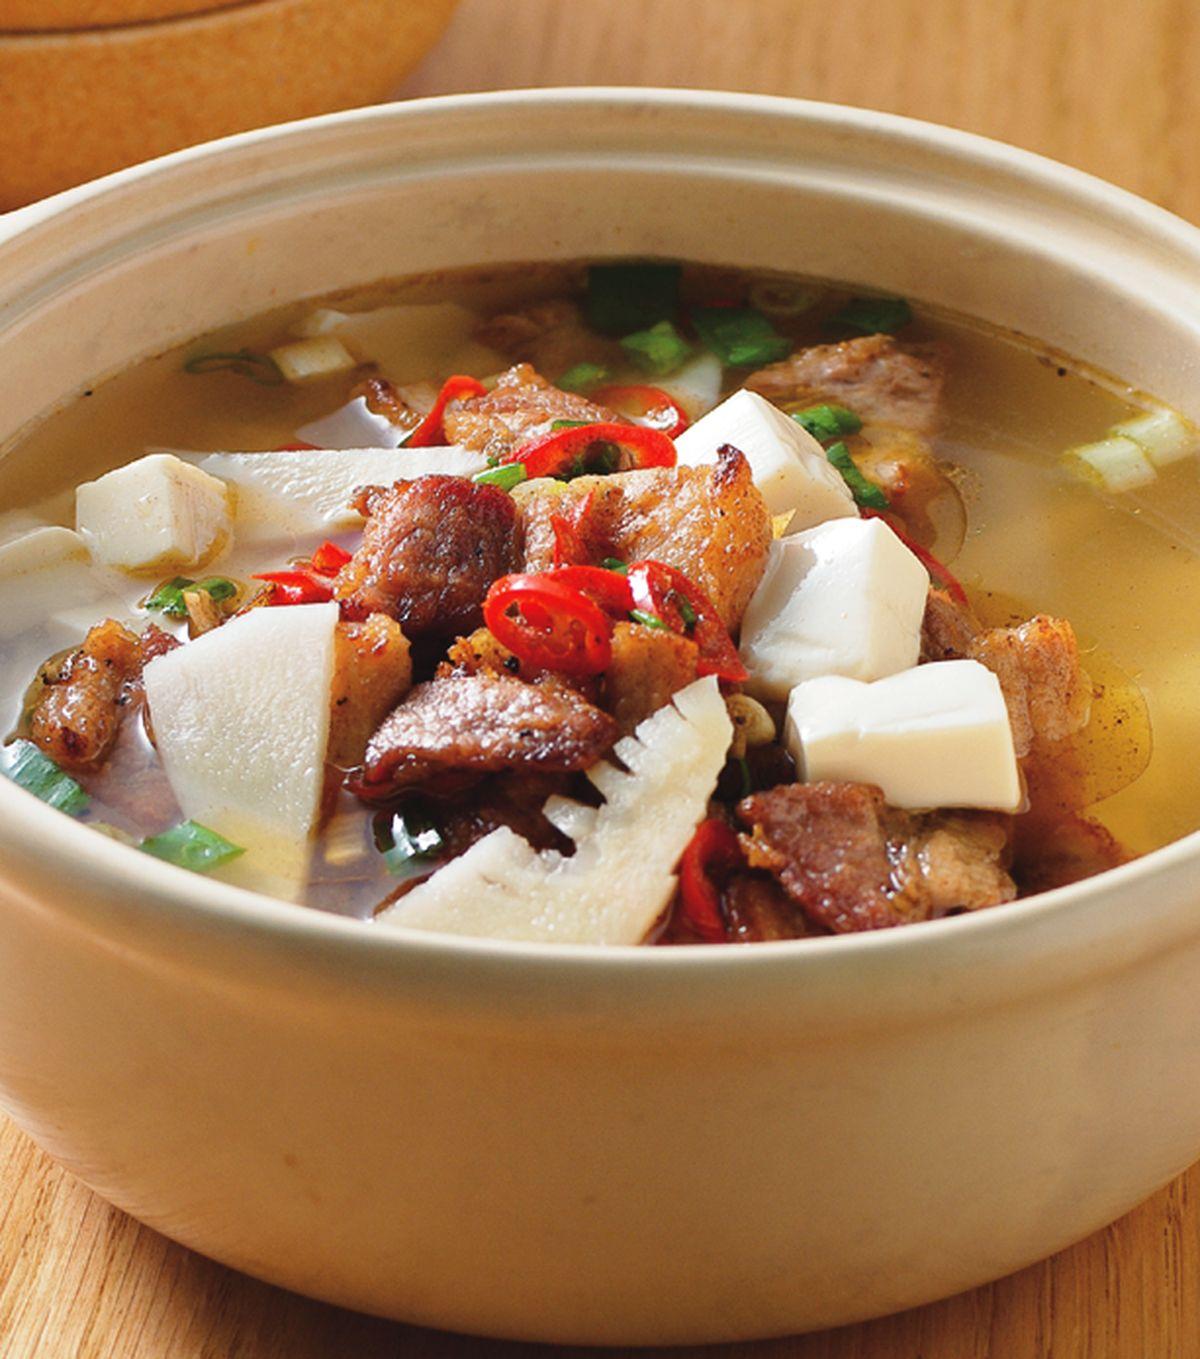 食譜:椒麻豬肉煲